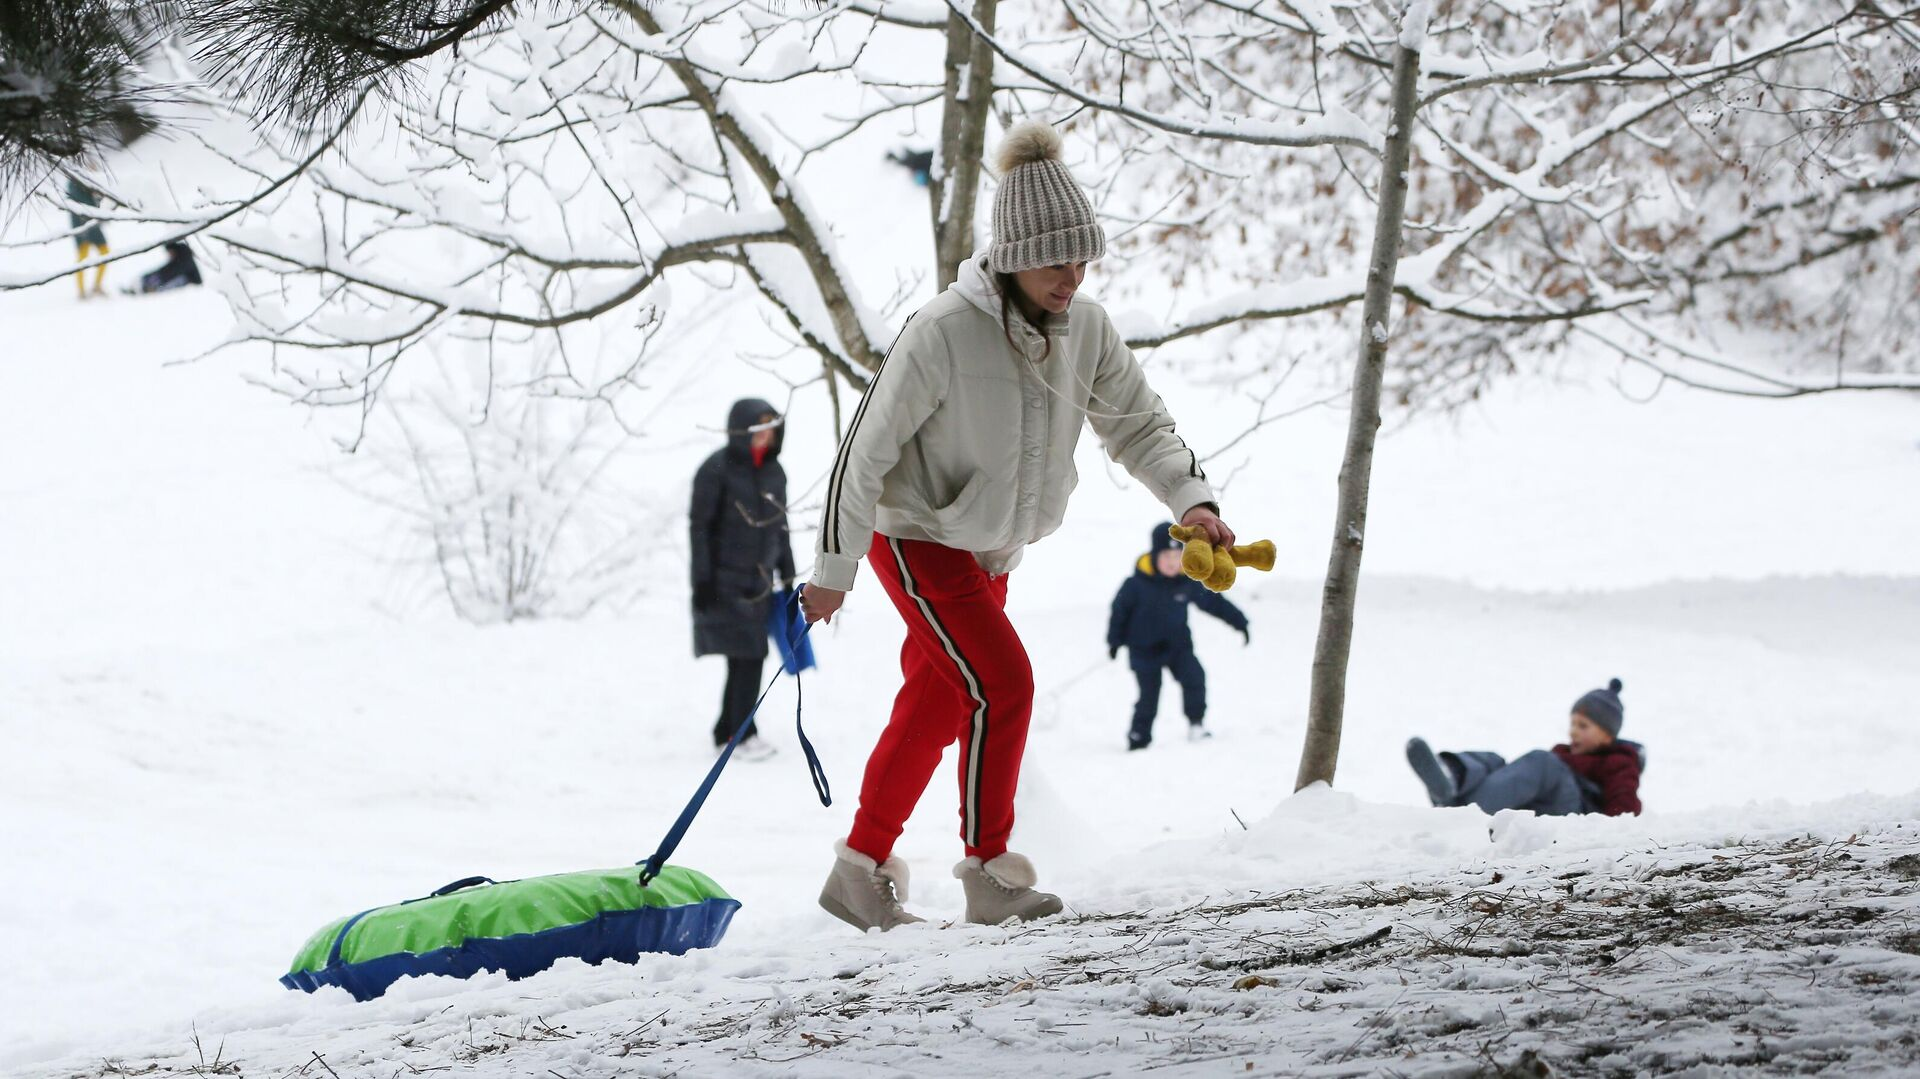 Люди катаются со снежной горки в Краснодаре после снегопада - РИА Новости, 1920, 11.01.2021